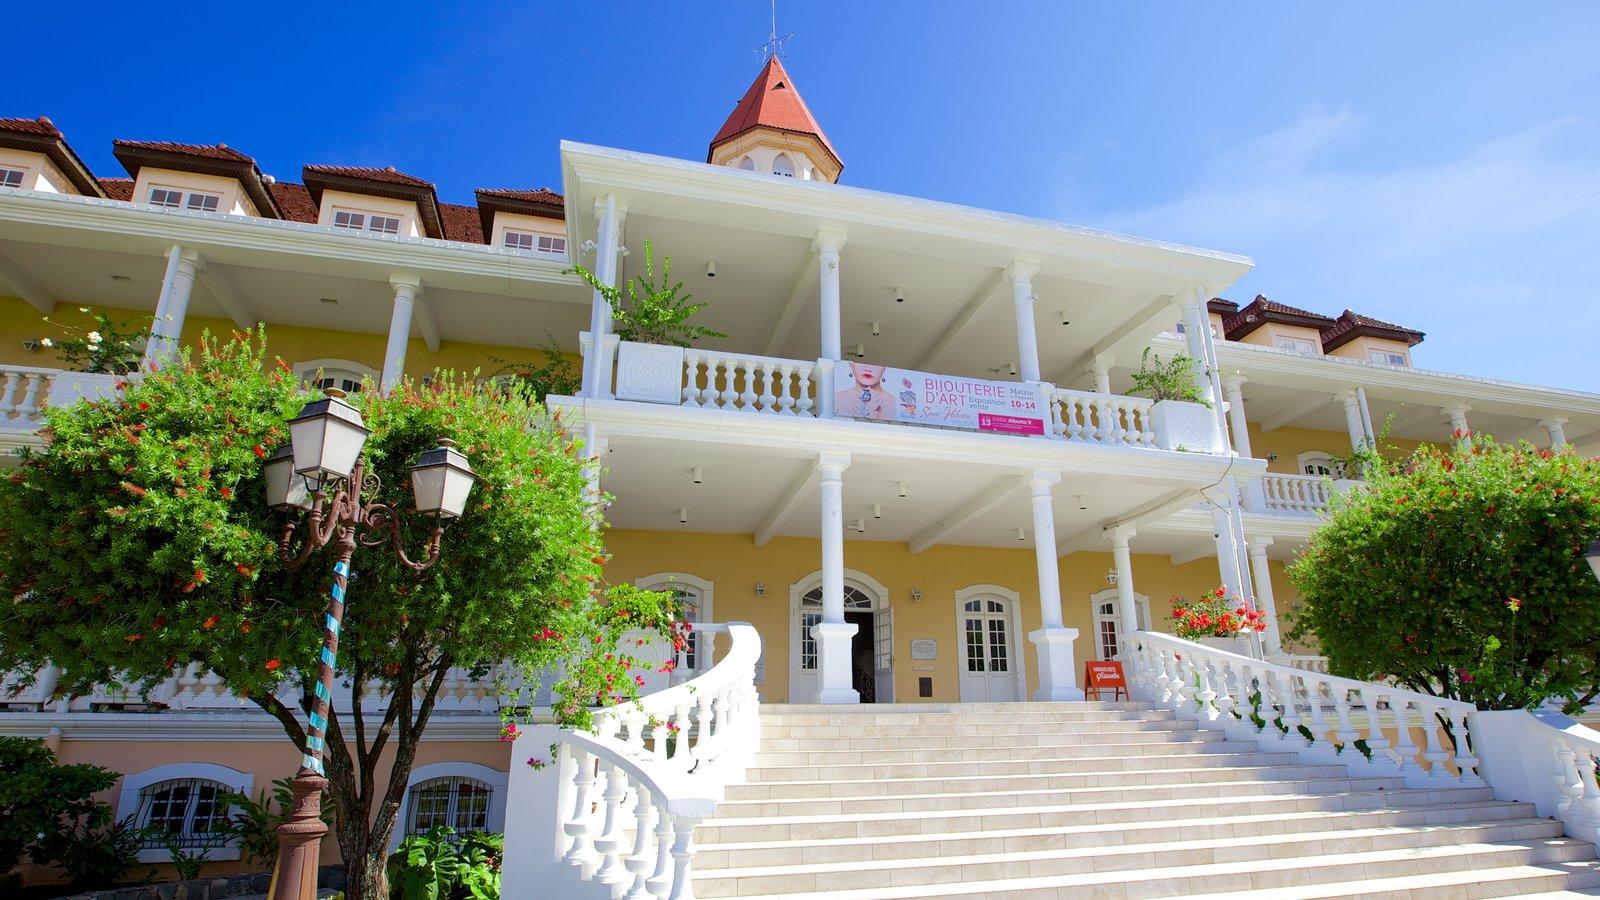 Prefeitura de Papeete caracterizando um edifício administrativo